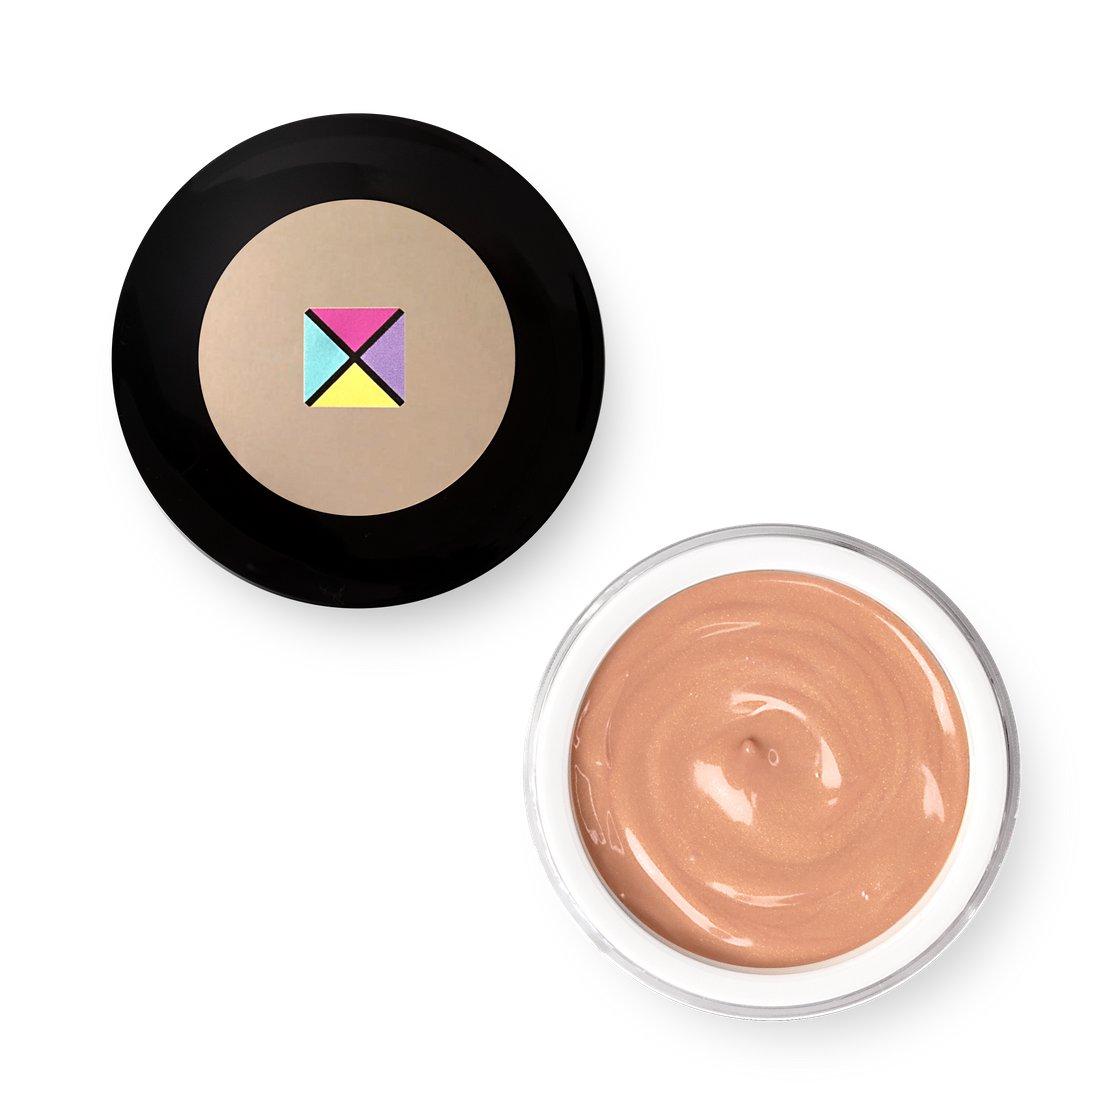 Фото - Увлажняющий иллюминирующий крем с эффектом «второй кожи», 50 мл 50 50 сбалансированный увлажняющий и